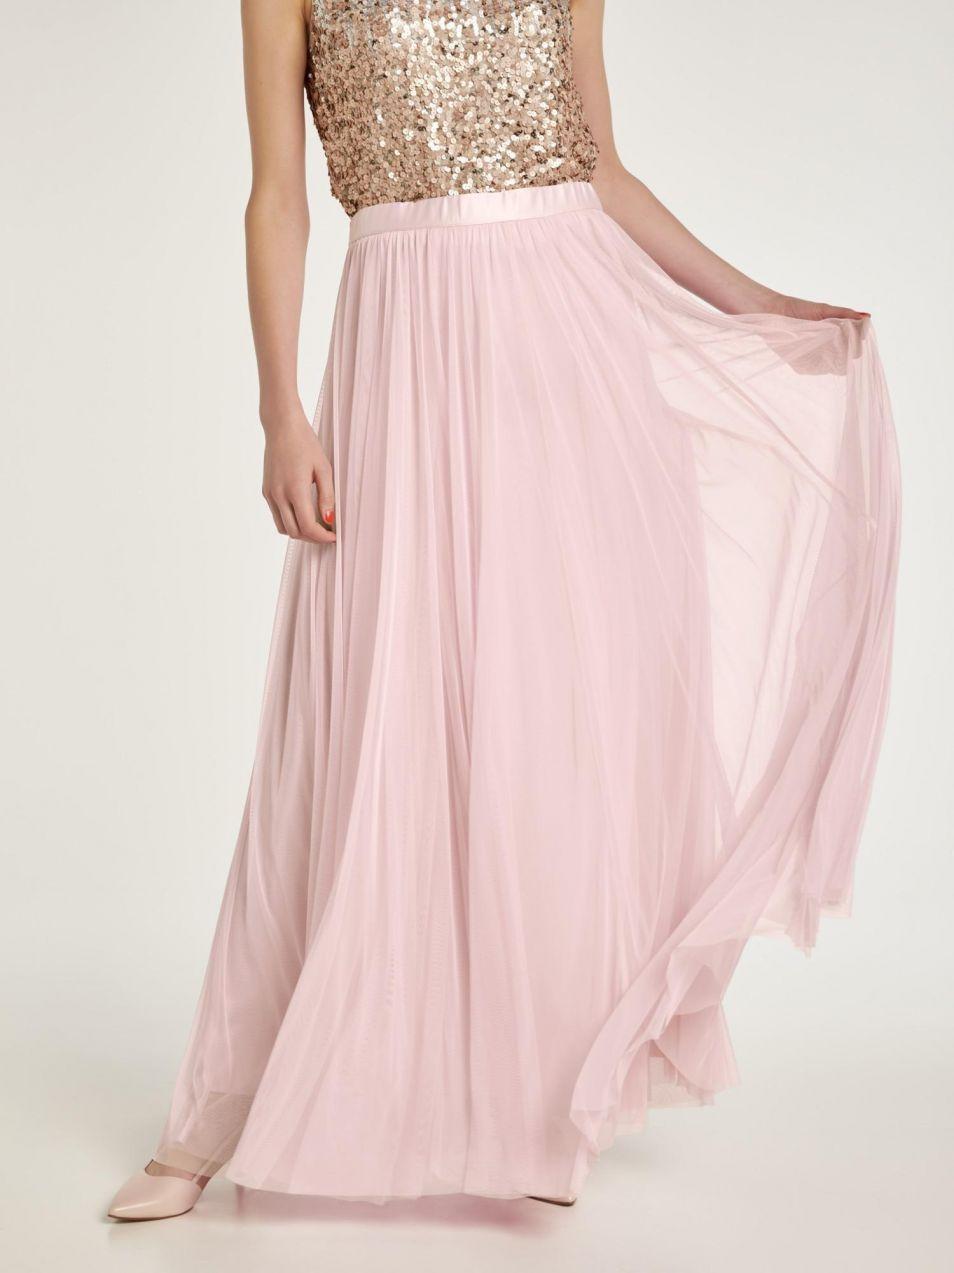 2521e2e12d8d heine STYLE Dlhá sukňa vo vrstvenom vzhľade heine značky HEINE ...